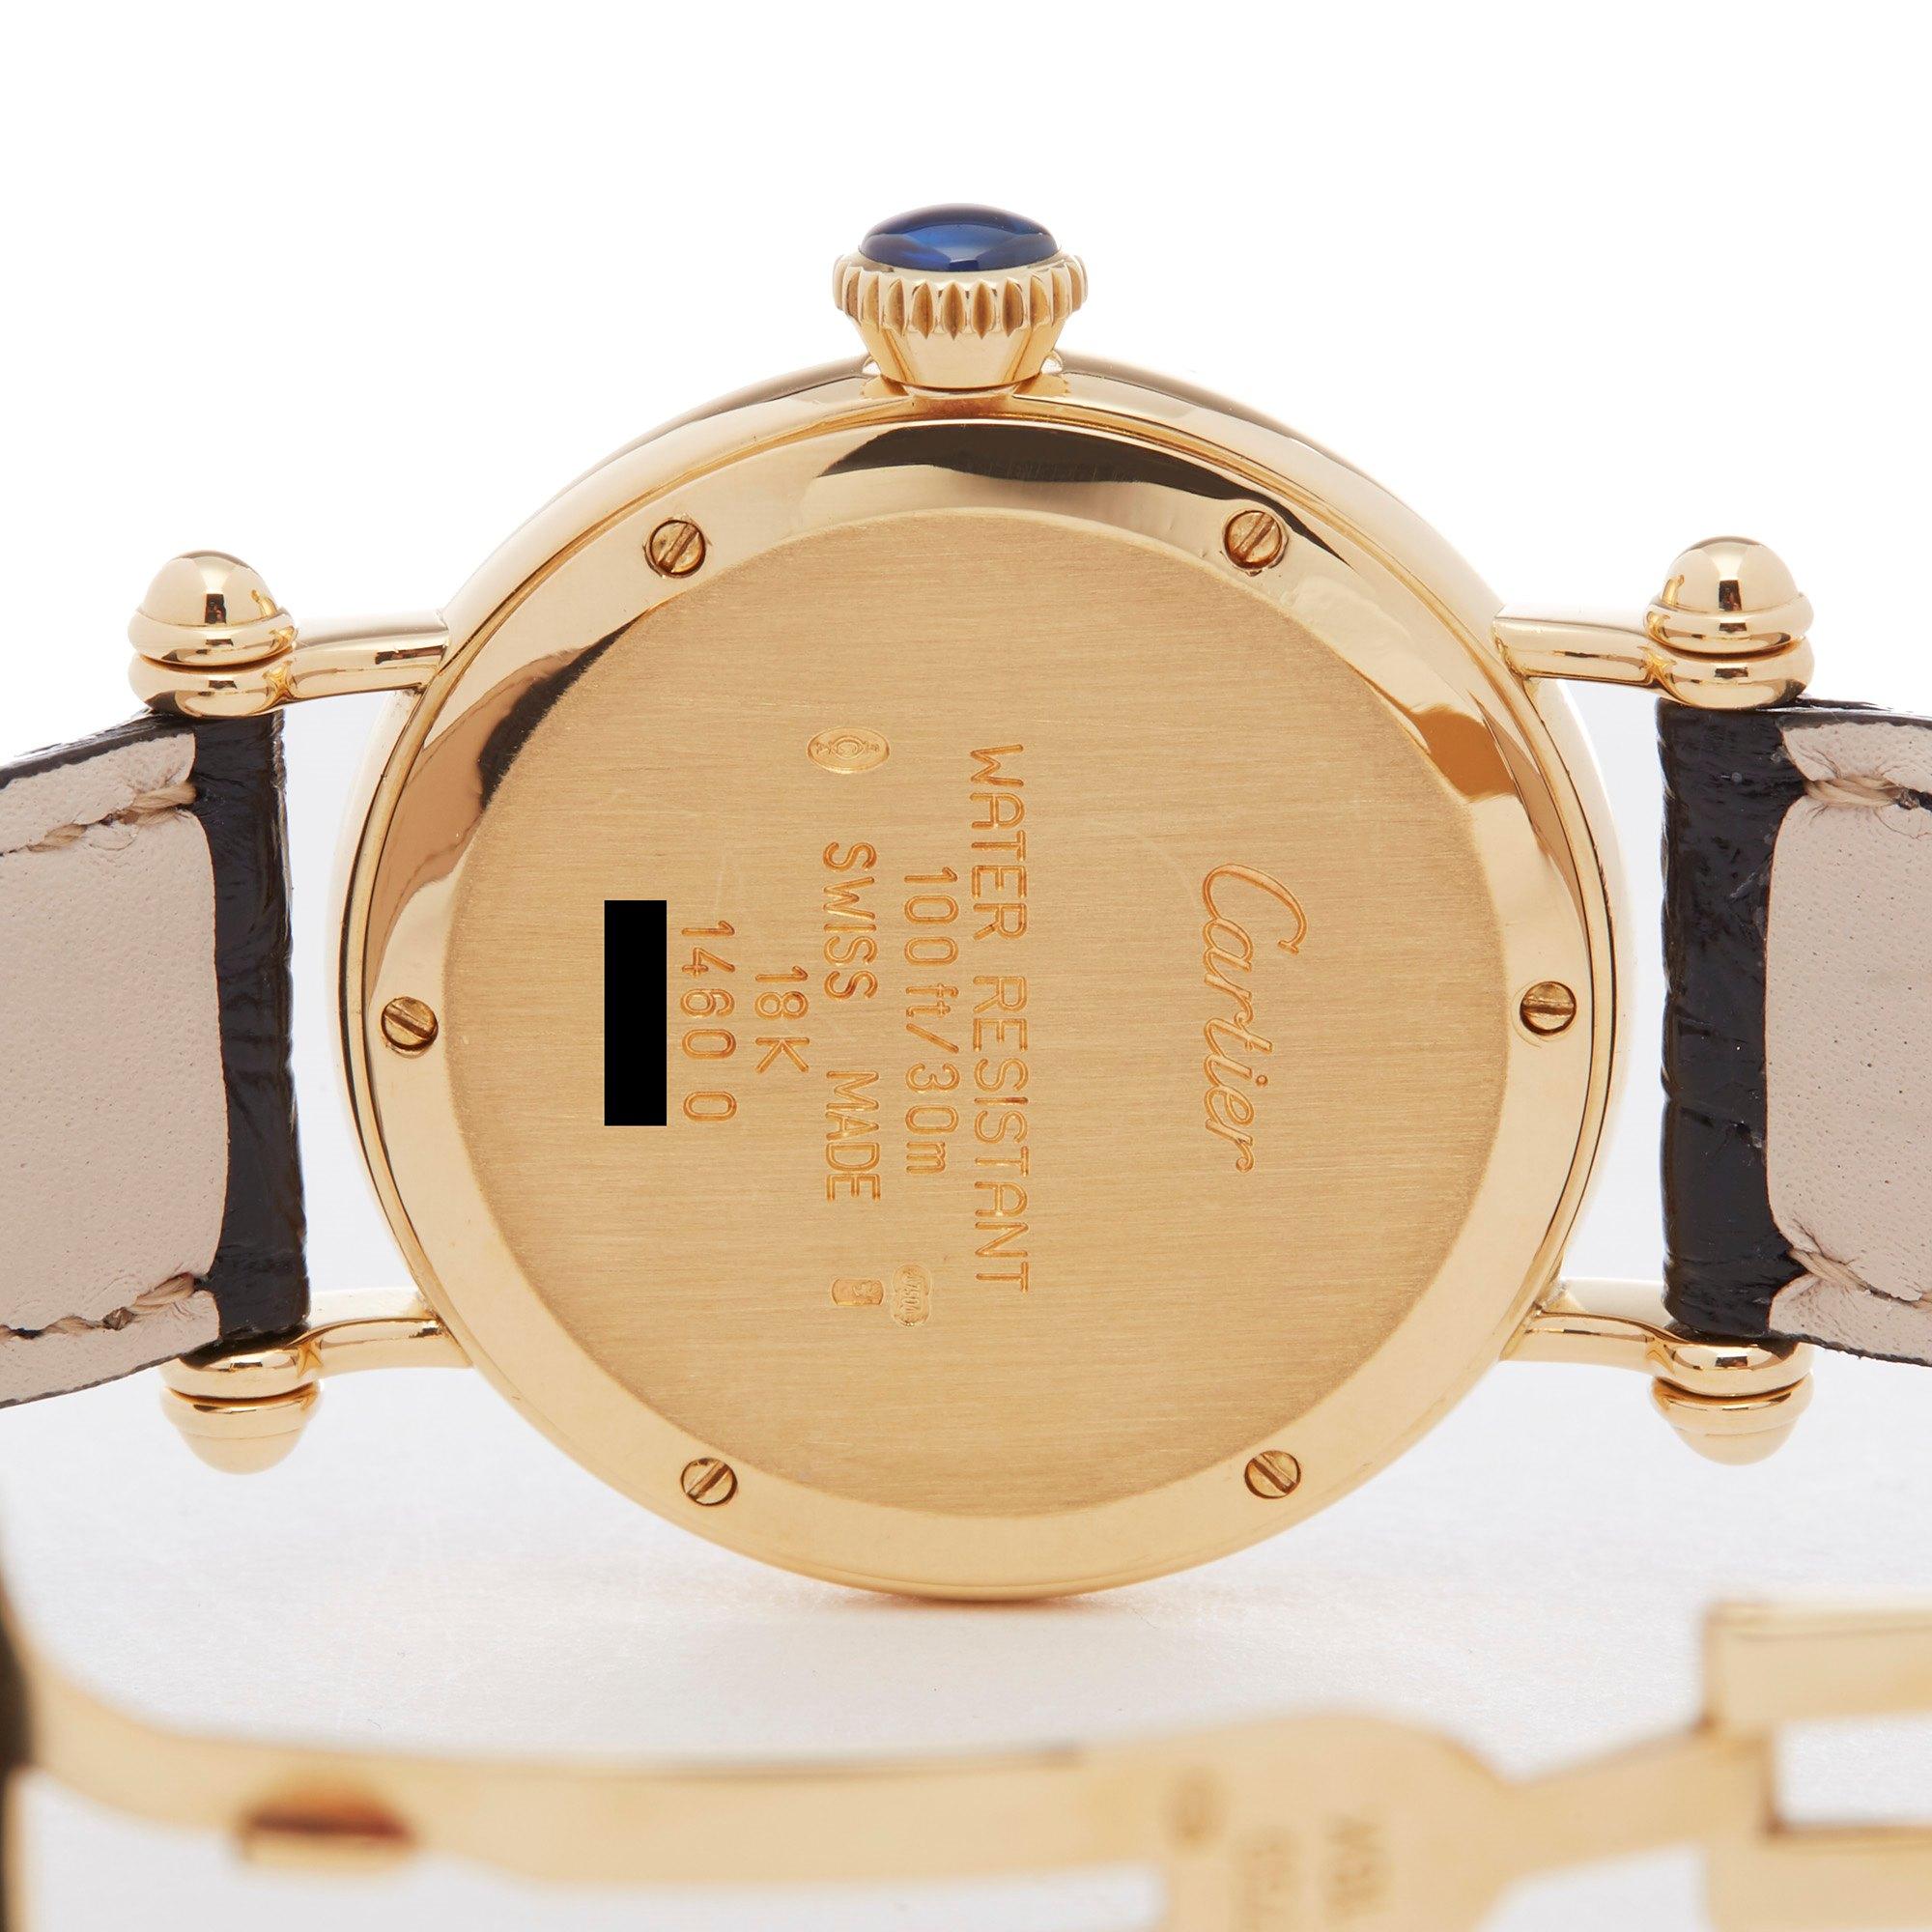 Cartier Diabolo Mechanique 18K Yellow Gold 1460 D